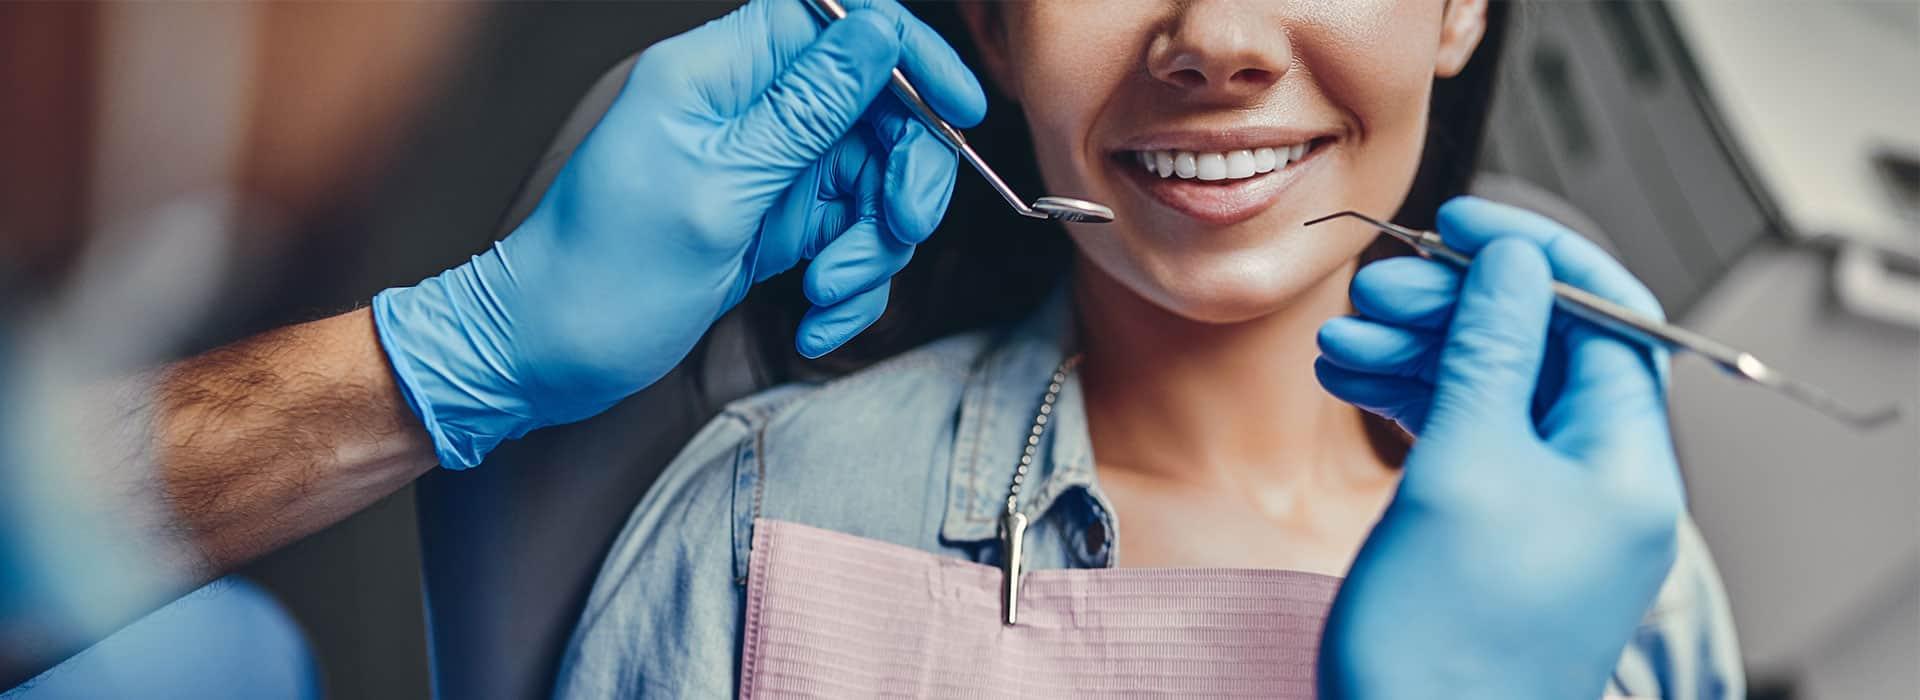 beachside-dental-group-slider-home-1